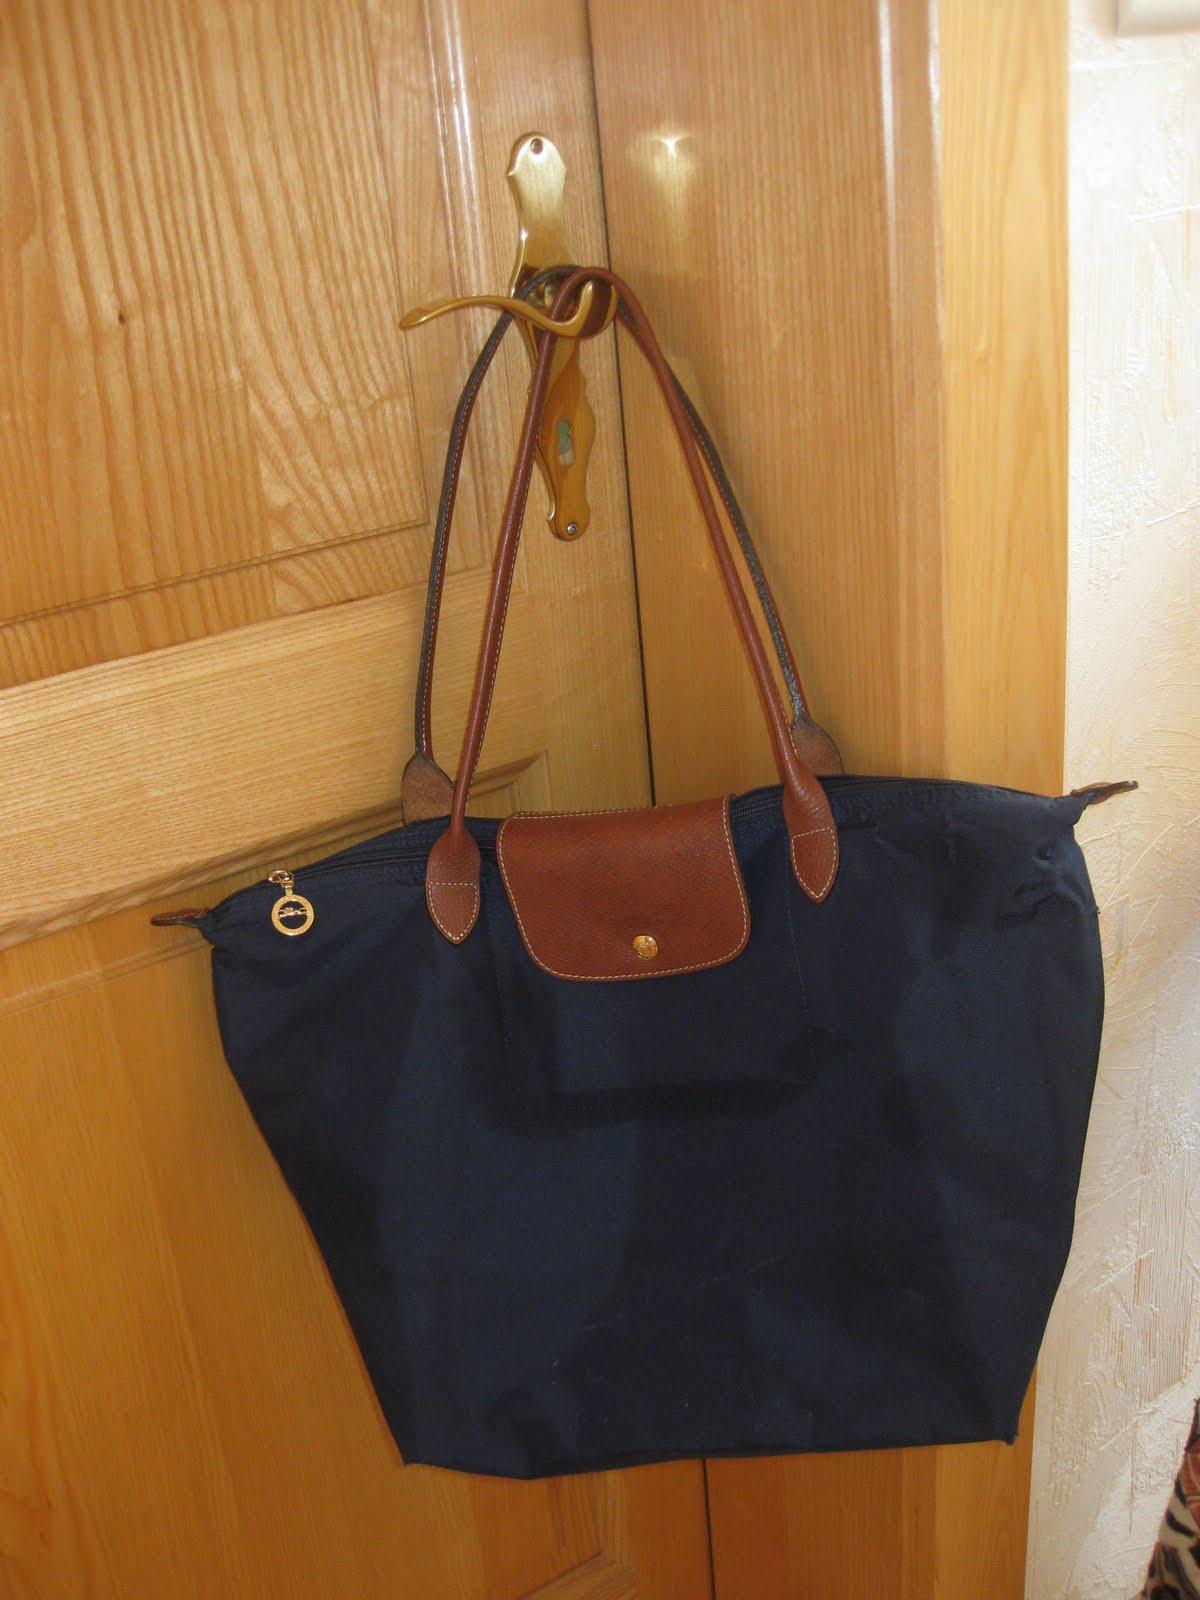 Sac Longchamp Bleu navy, 58€, 31x30x19 cm (utilisable pour les cours ...